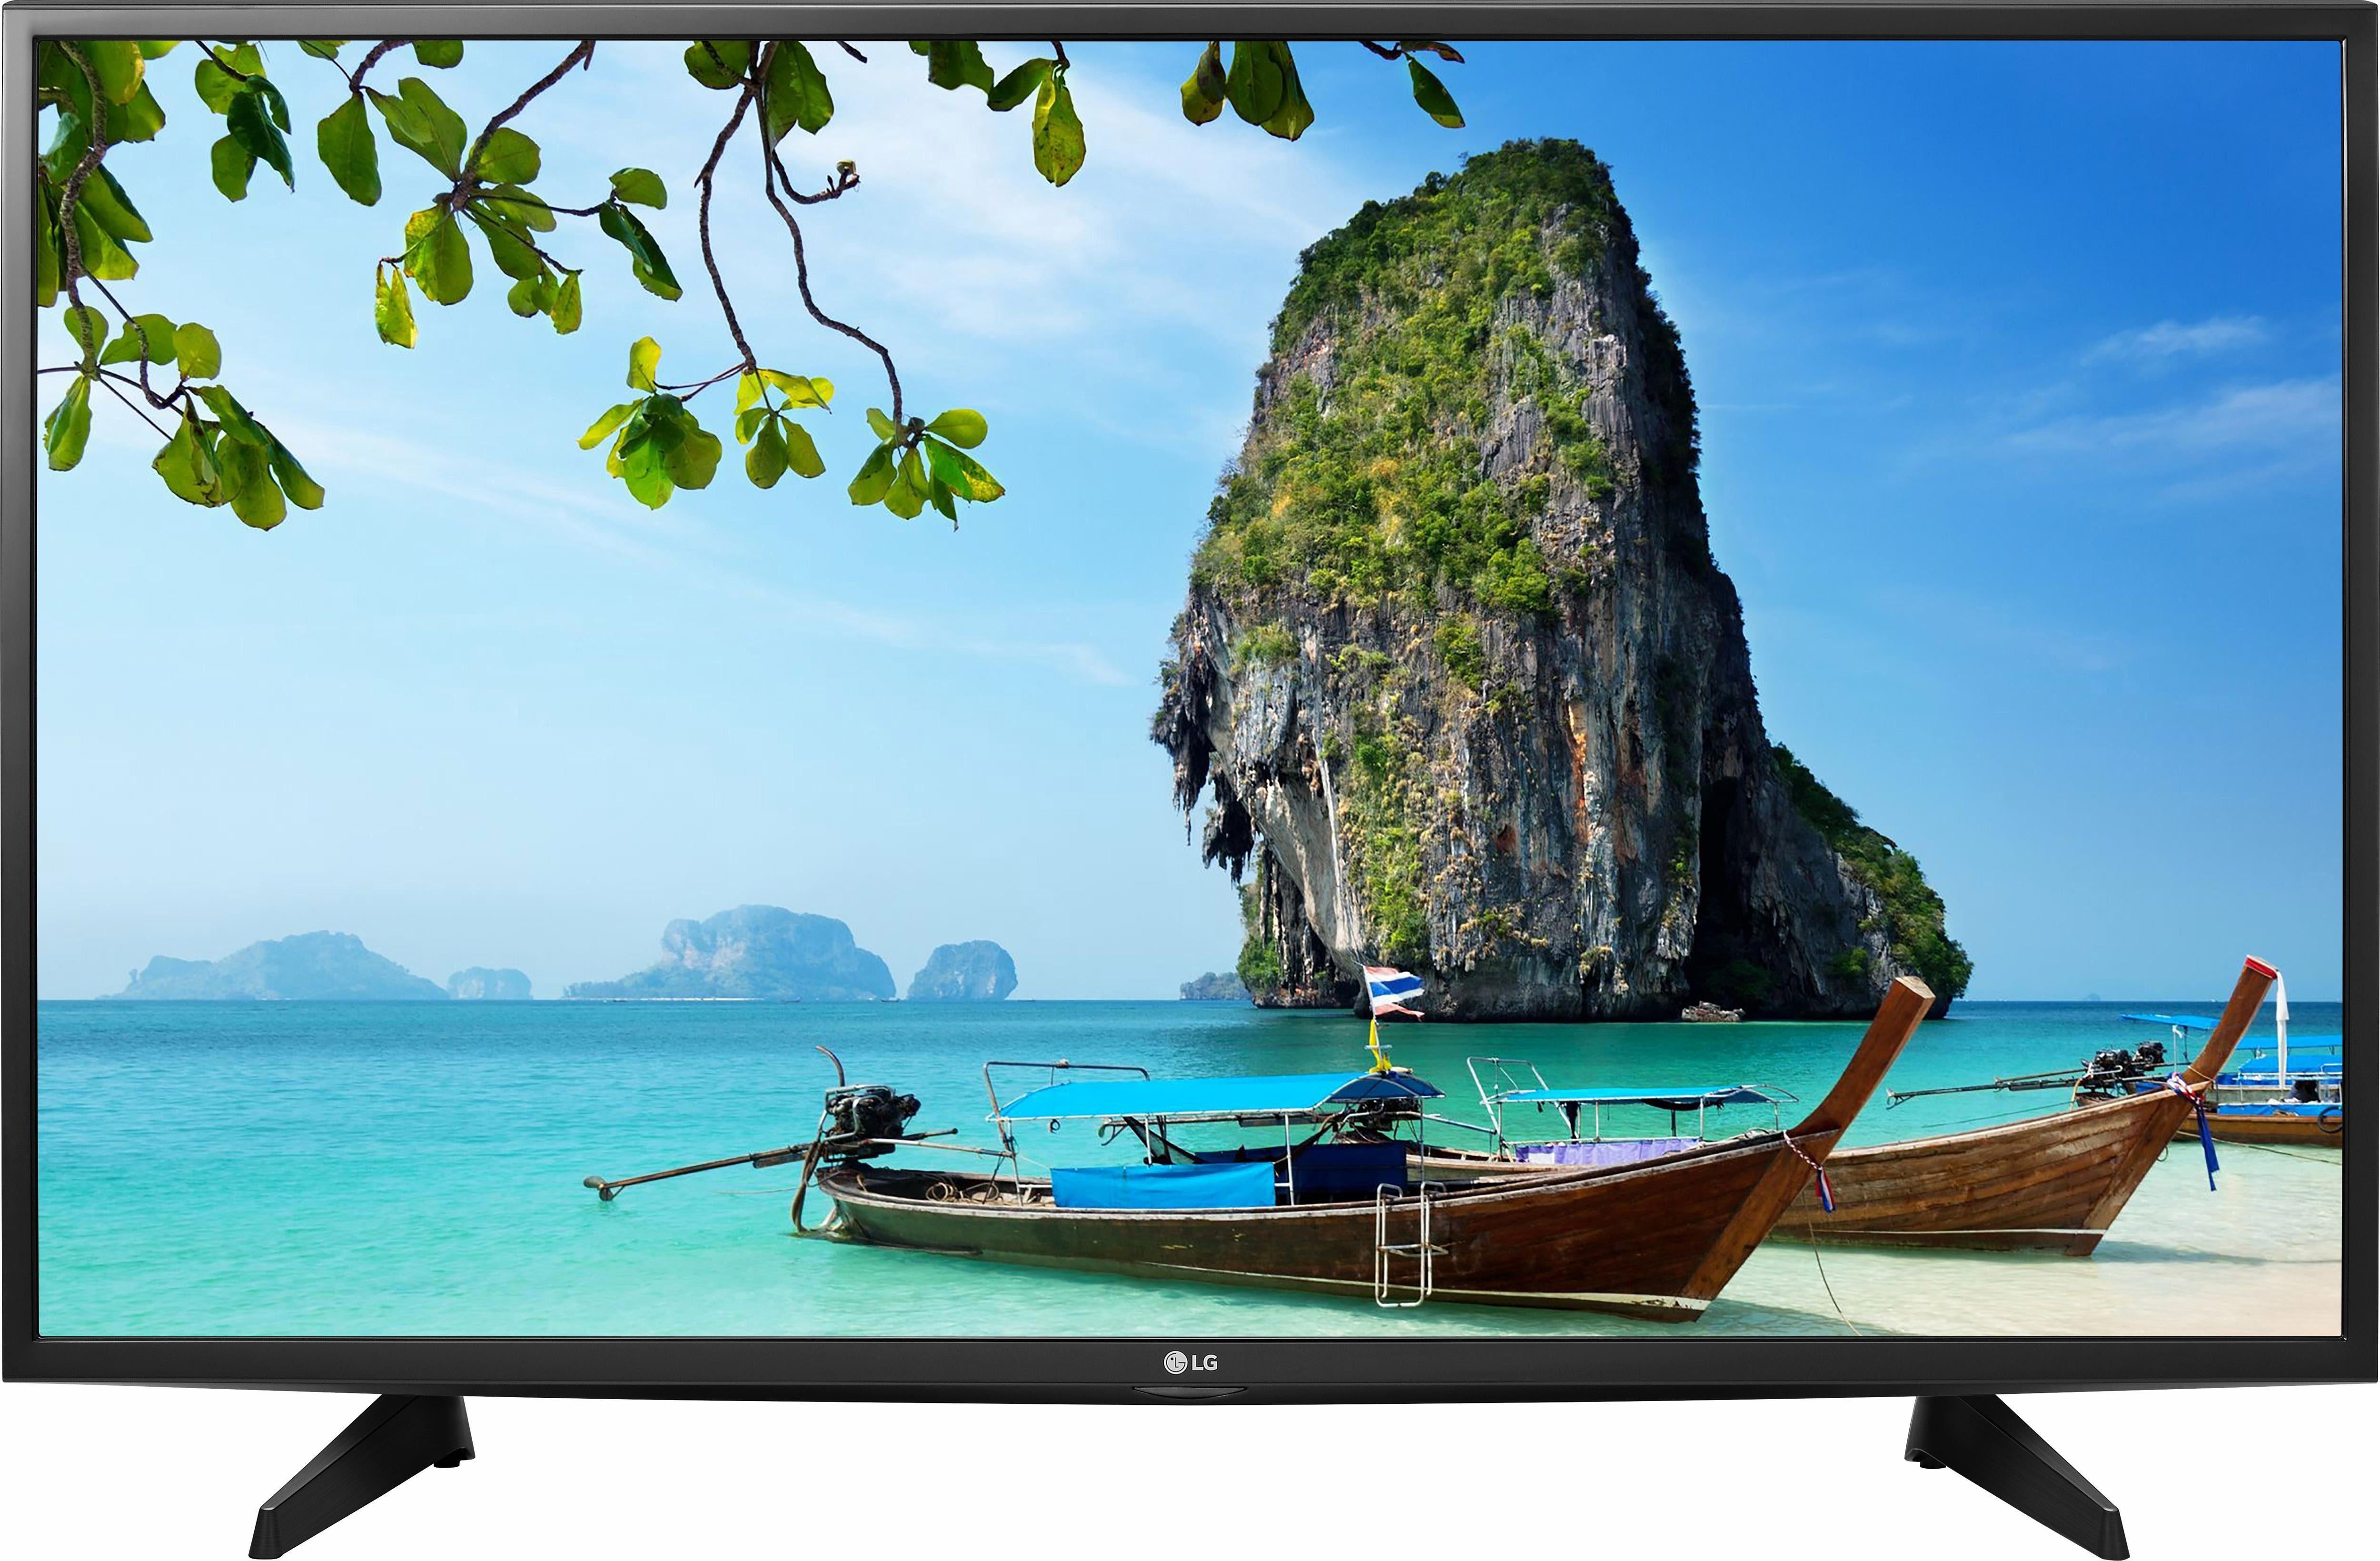 LG 49LH570V, LED Fernseher, 123 cm (49 Zoll), 1080p (Full HD), Smart-TV